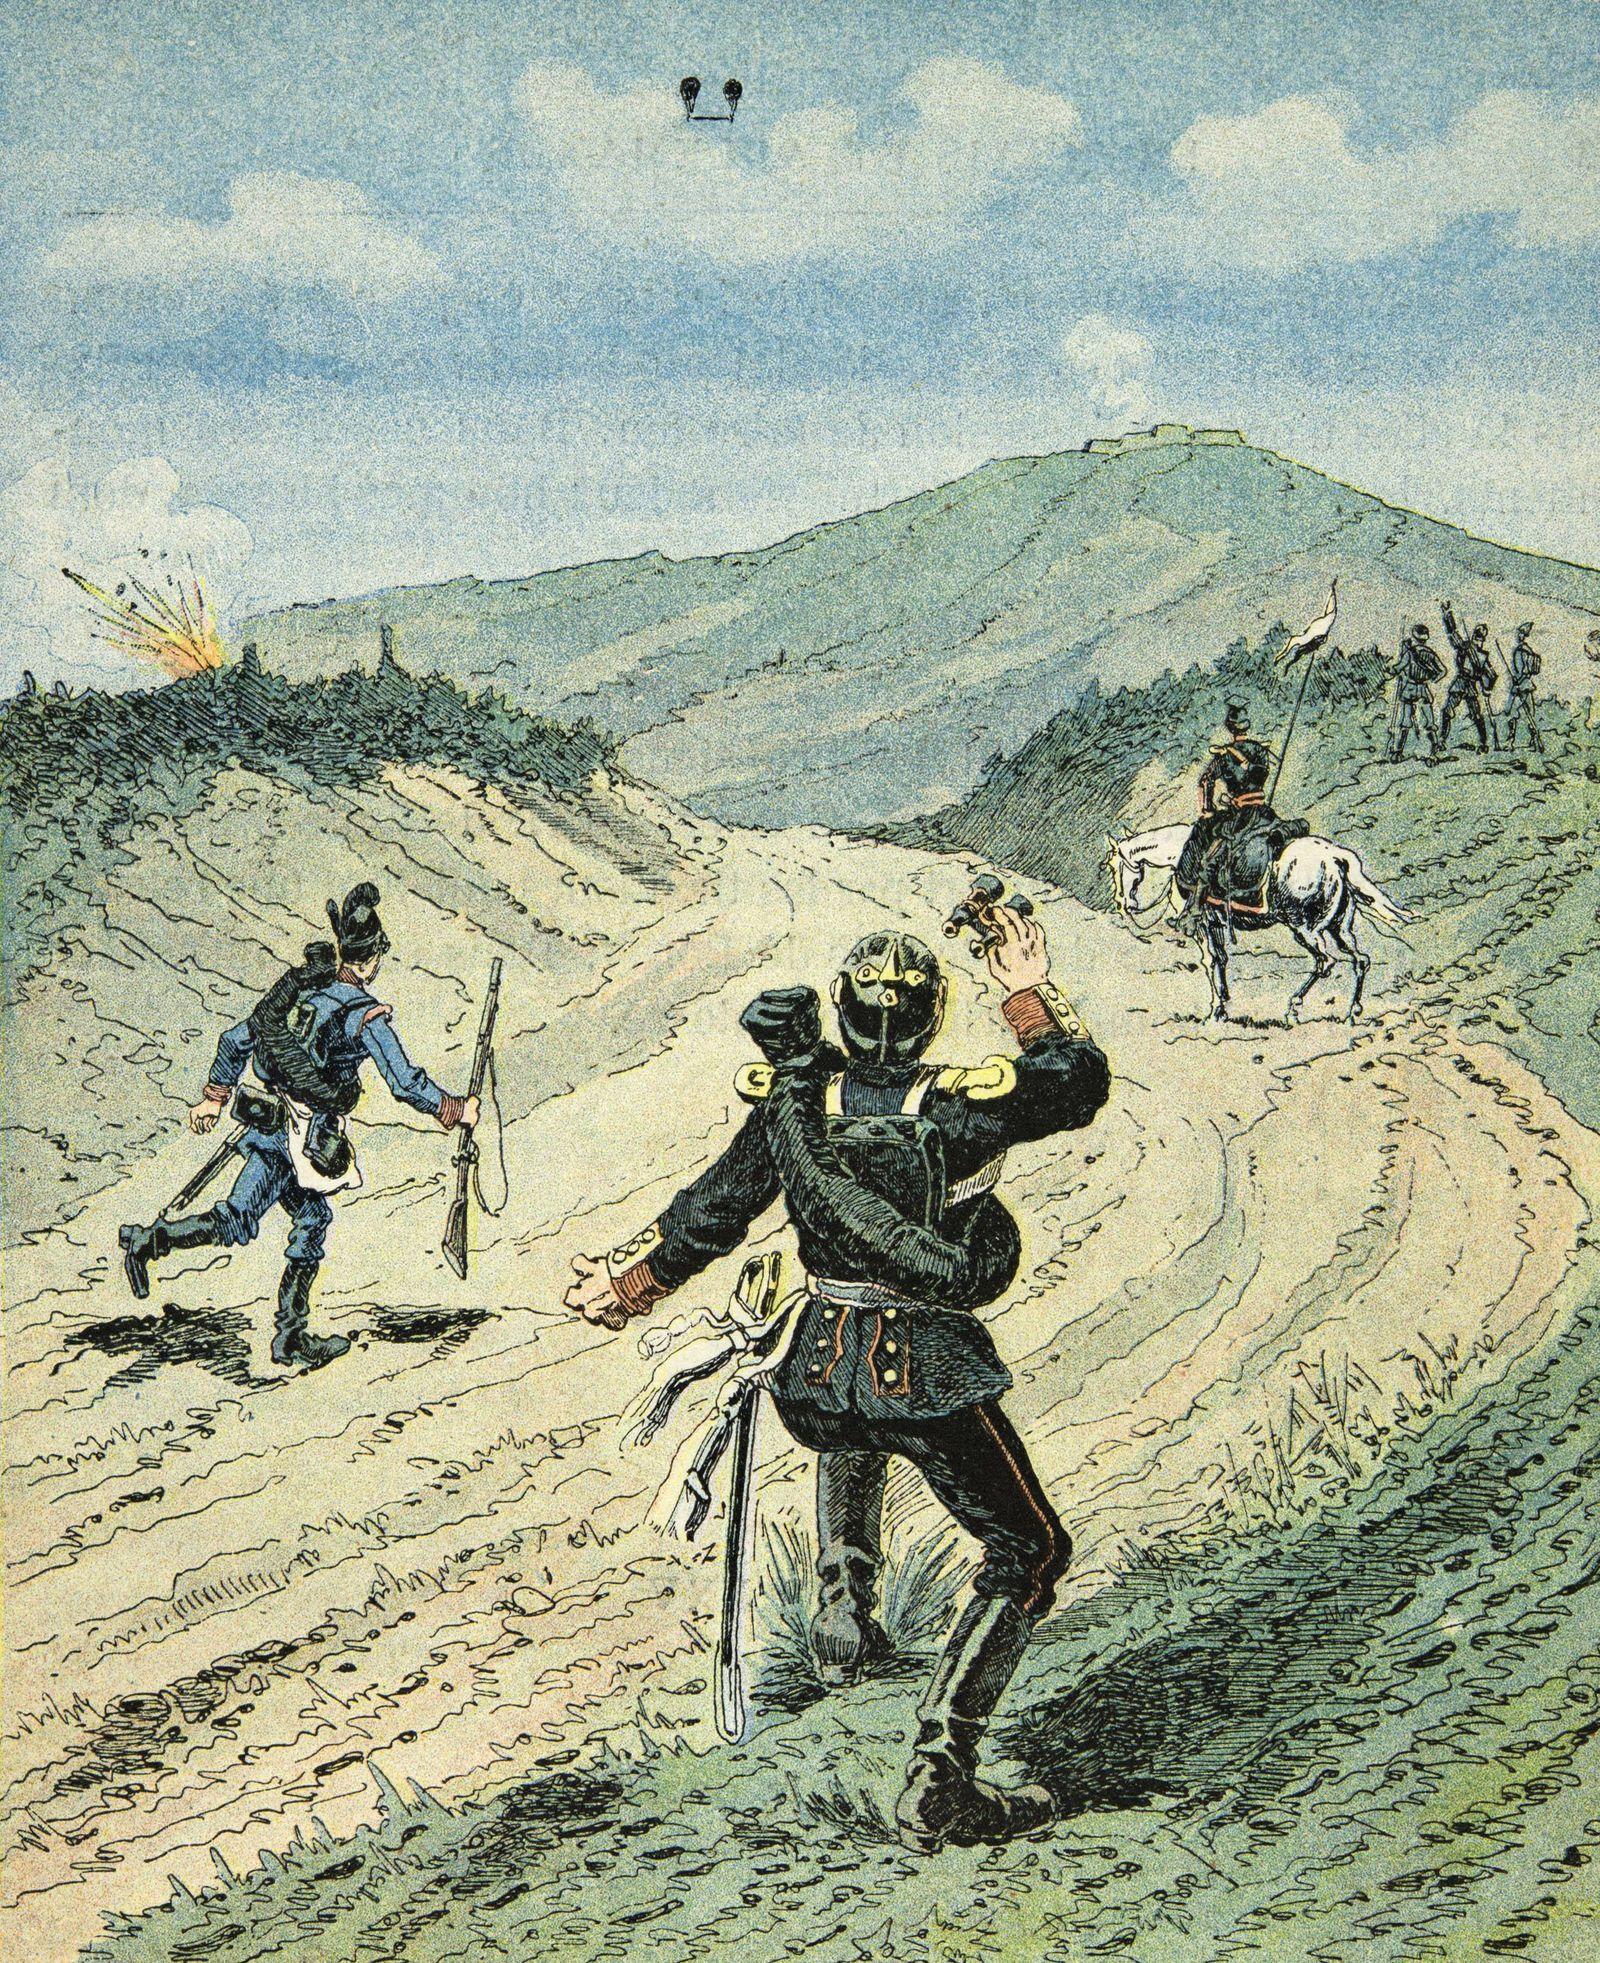 C19986 Hardouin Georges 1846 1893 dit aussi Dick de Lonlay Illustration tiree de l ouvrage